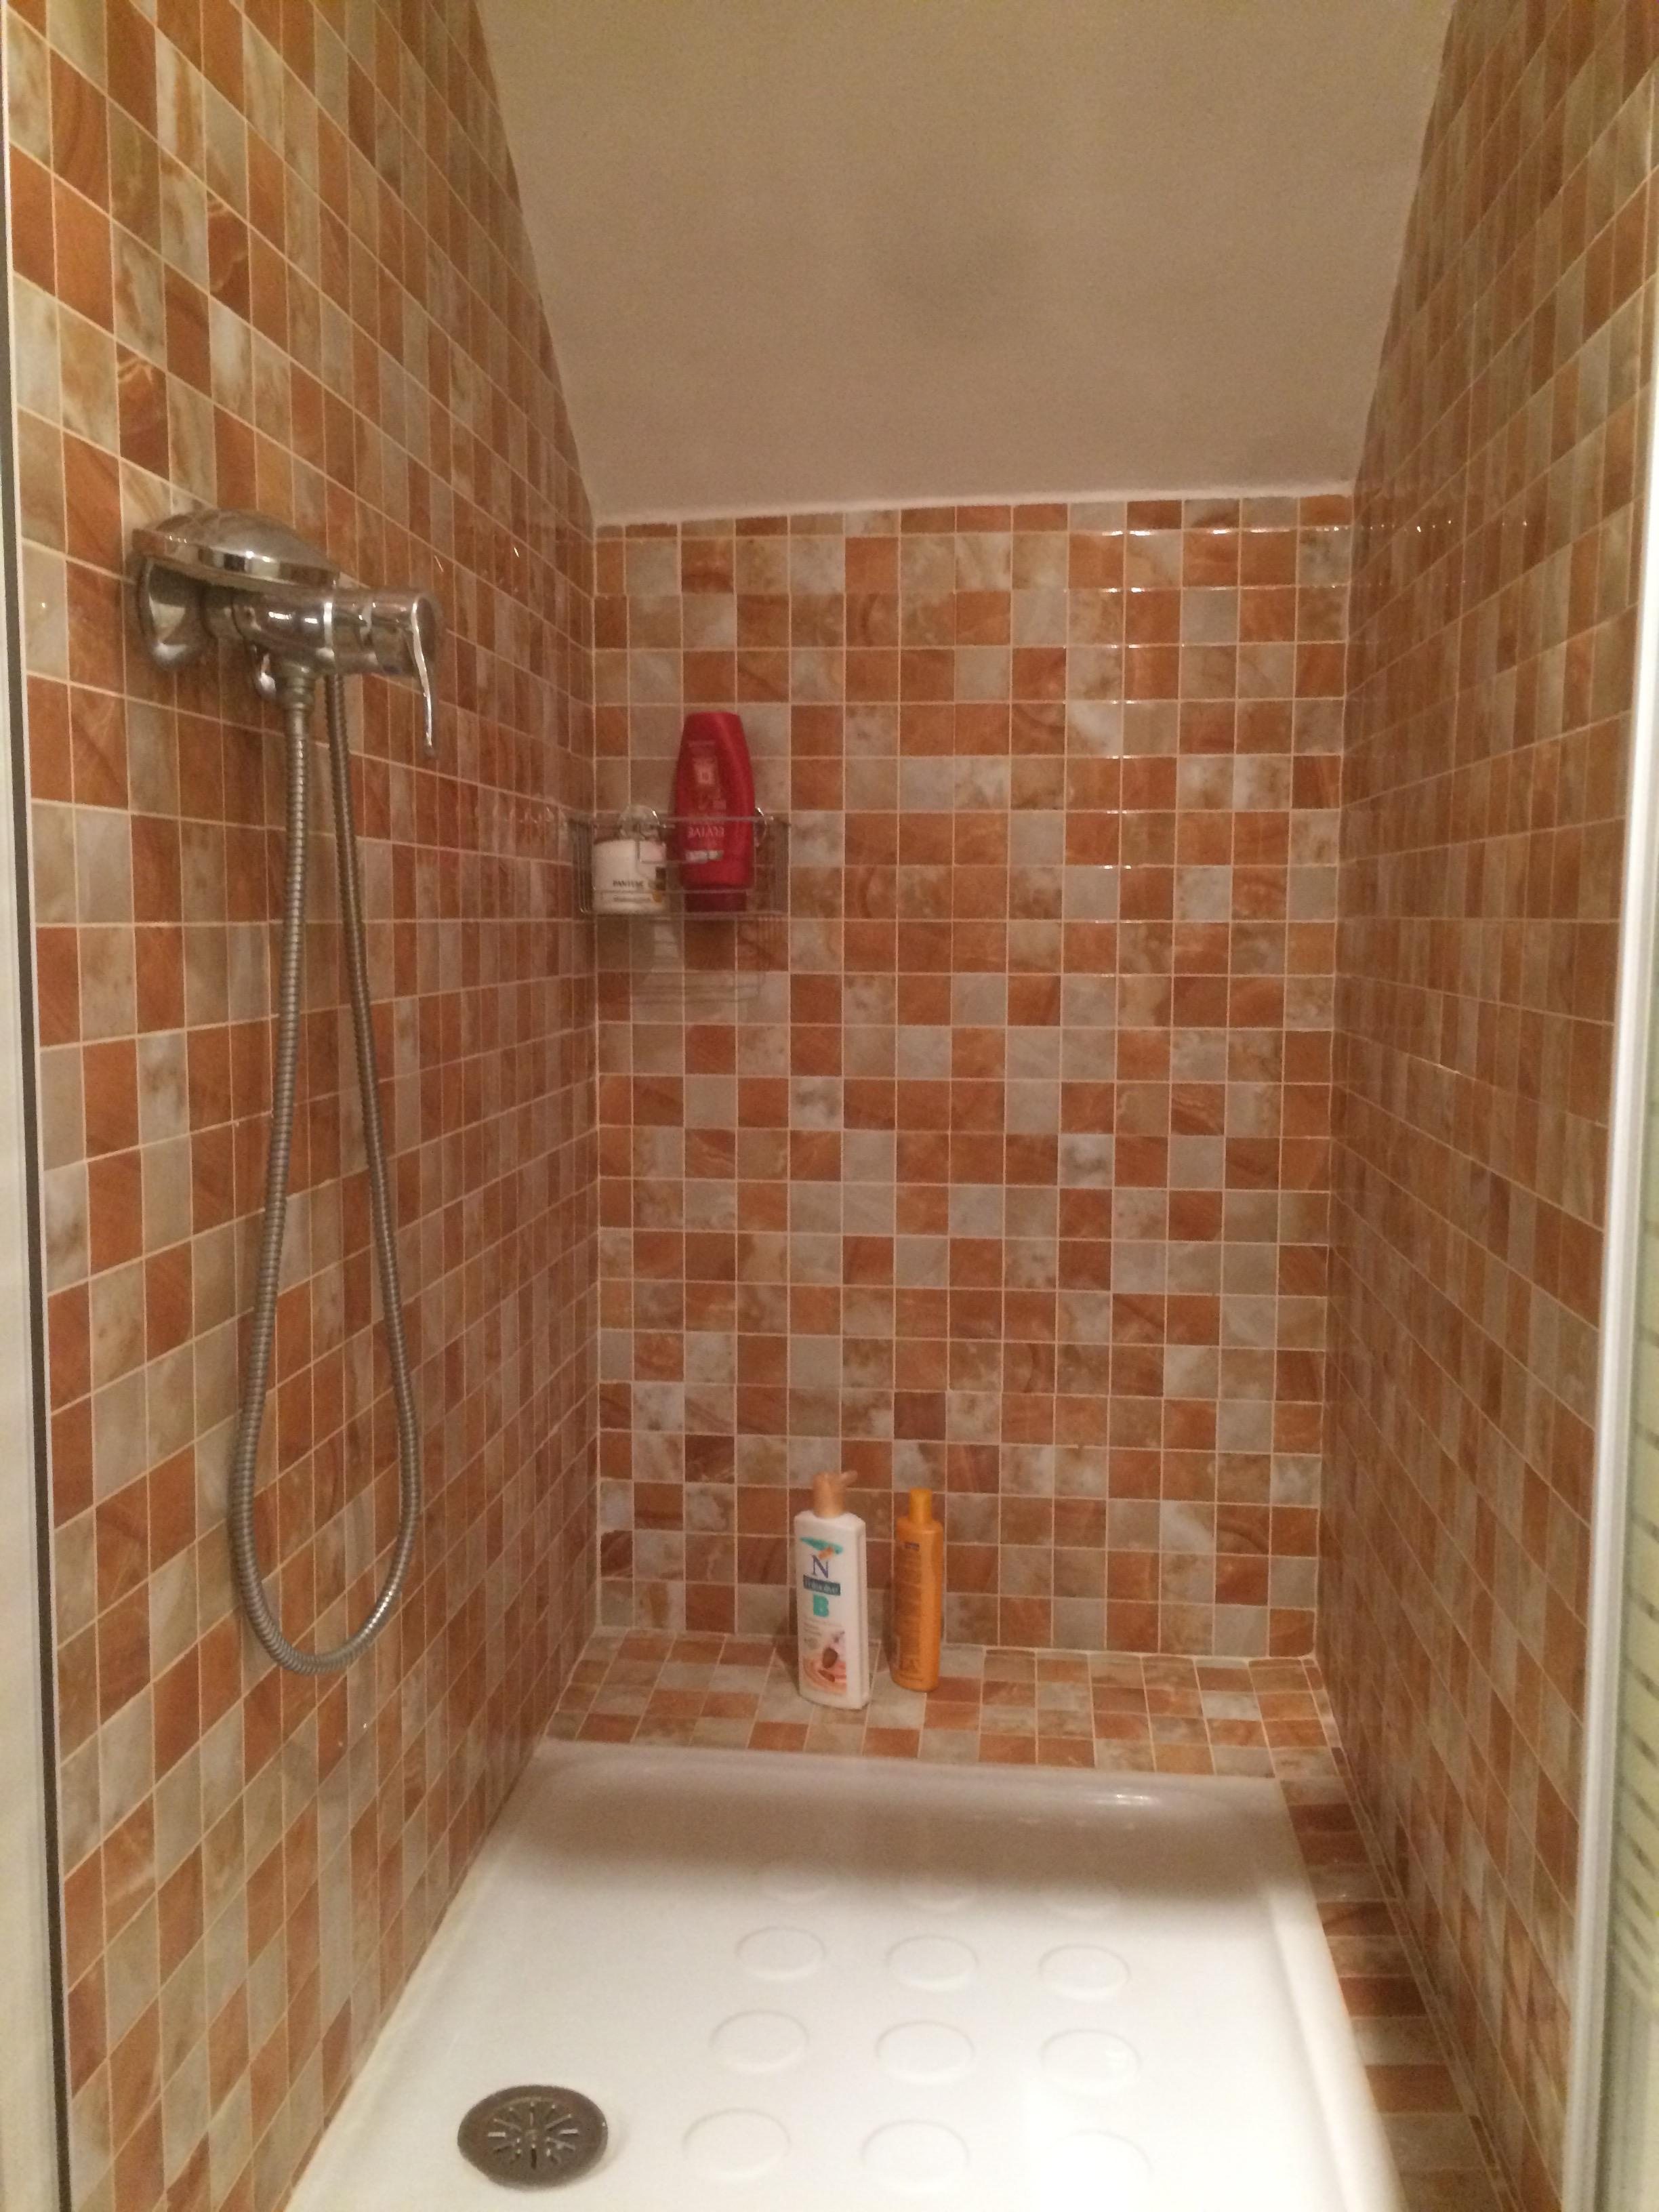 Rianje construcci n y reformas ba o con ducha debajo for Imagenes de banos debajo de escaleras